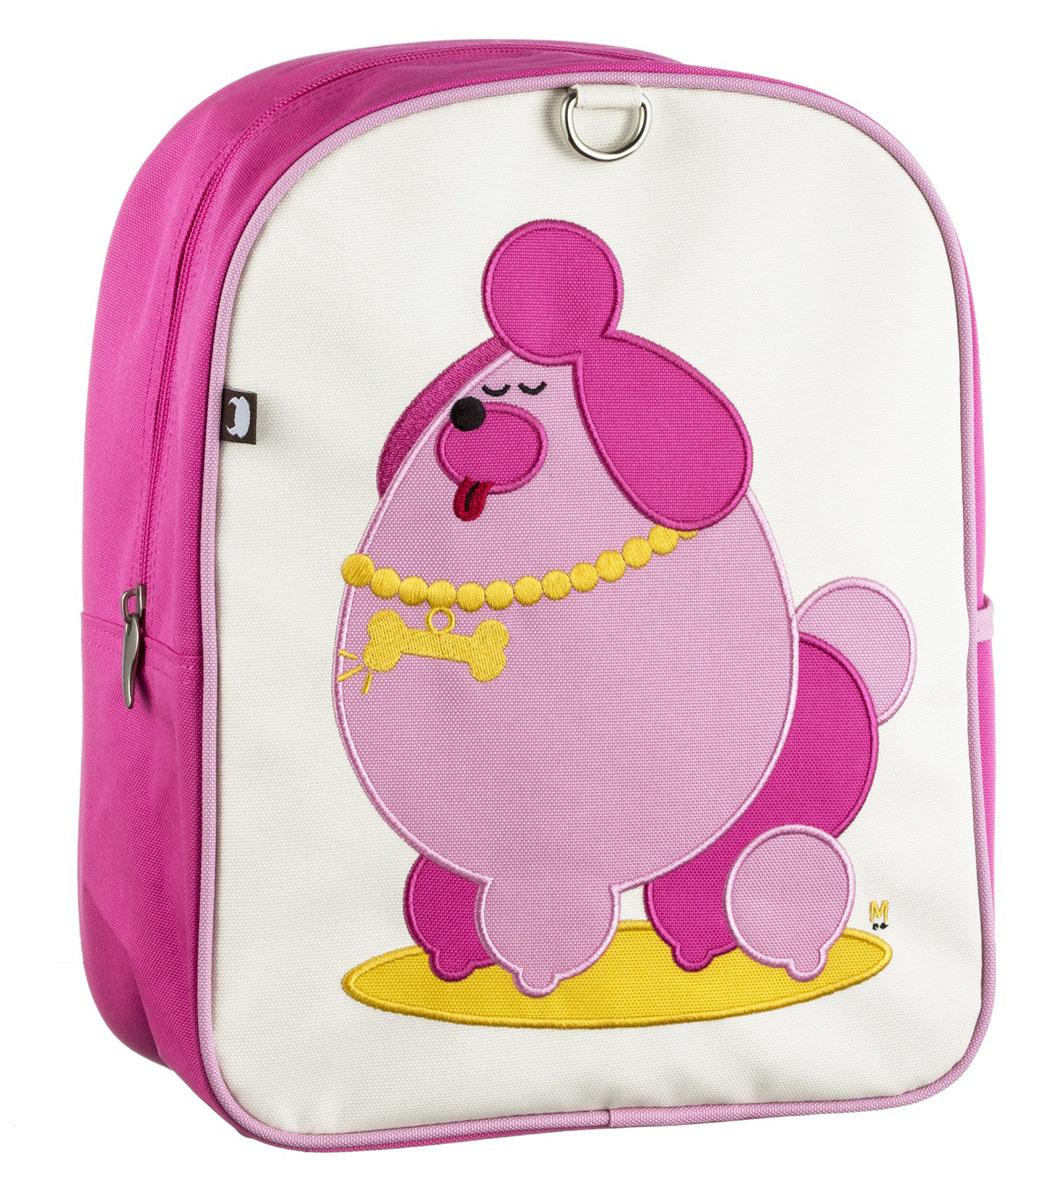 Рюкзак детский Beatrix Little Kid Pocchari-Poodle, цвет: молочный, розовый, желтыйSK-7380D-21Рюкзак Beatrix Pocchari-Poodle обязательно привлечет внимание вашего ребенка.Выполнен из прочного и высококачественного материала и оформлен вышитой аппликацией с изображением важного пуделя. Рюкзак состоит из вместительного отделения, закрывающегося на застежку-молнию. Бегунок застежки дополнен металлическим держателем. Внутри отделения находится врезной карман на застежке-молнии. На задней стенке рюкзака имеется нашивка, на которой можно указать данные владельца. Рюкзак с боку имеет один накладной внешний кармана на липучке. Мягкие широкие лямки позволяют легко и быстро отрегулировать рюкзак в соответствии с ростом. Рюкзак оснащен удобной текстильной ручкой для переноски в руке. Идеально подходит для хранения важных и необходимых вещей, которые так необходимы маленькому герою на детской площадке, во время прогулки или на пикнике.